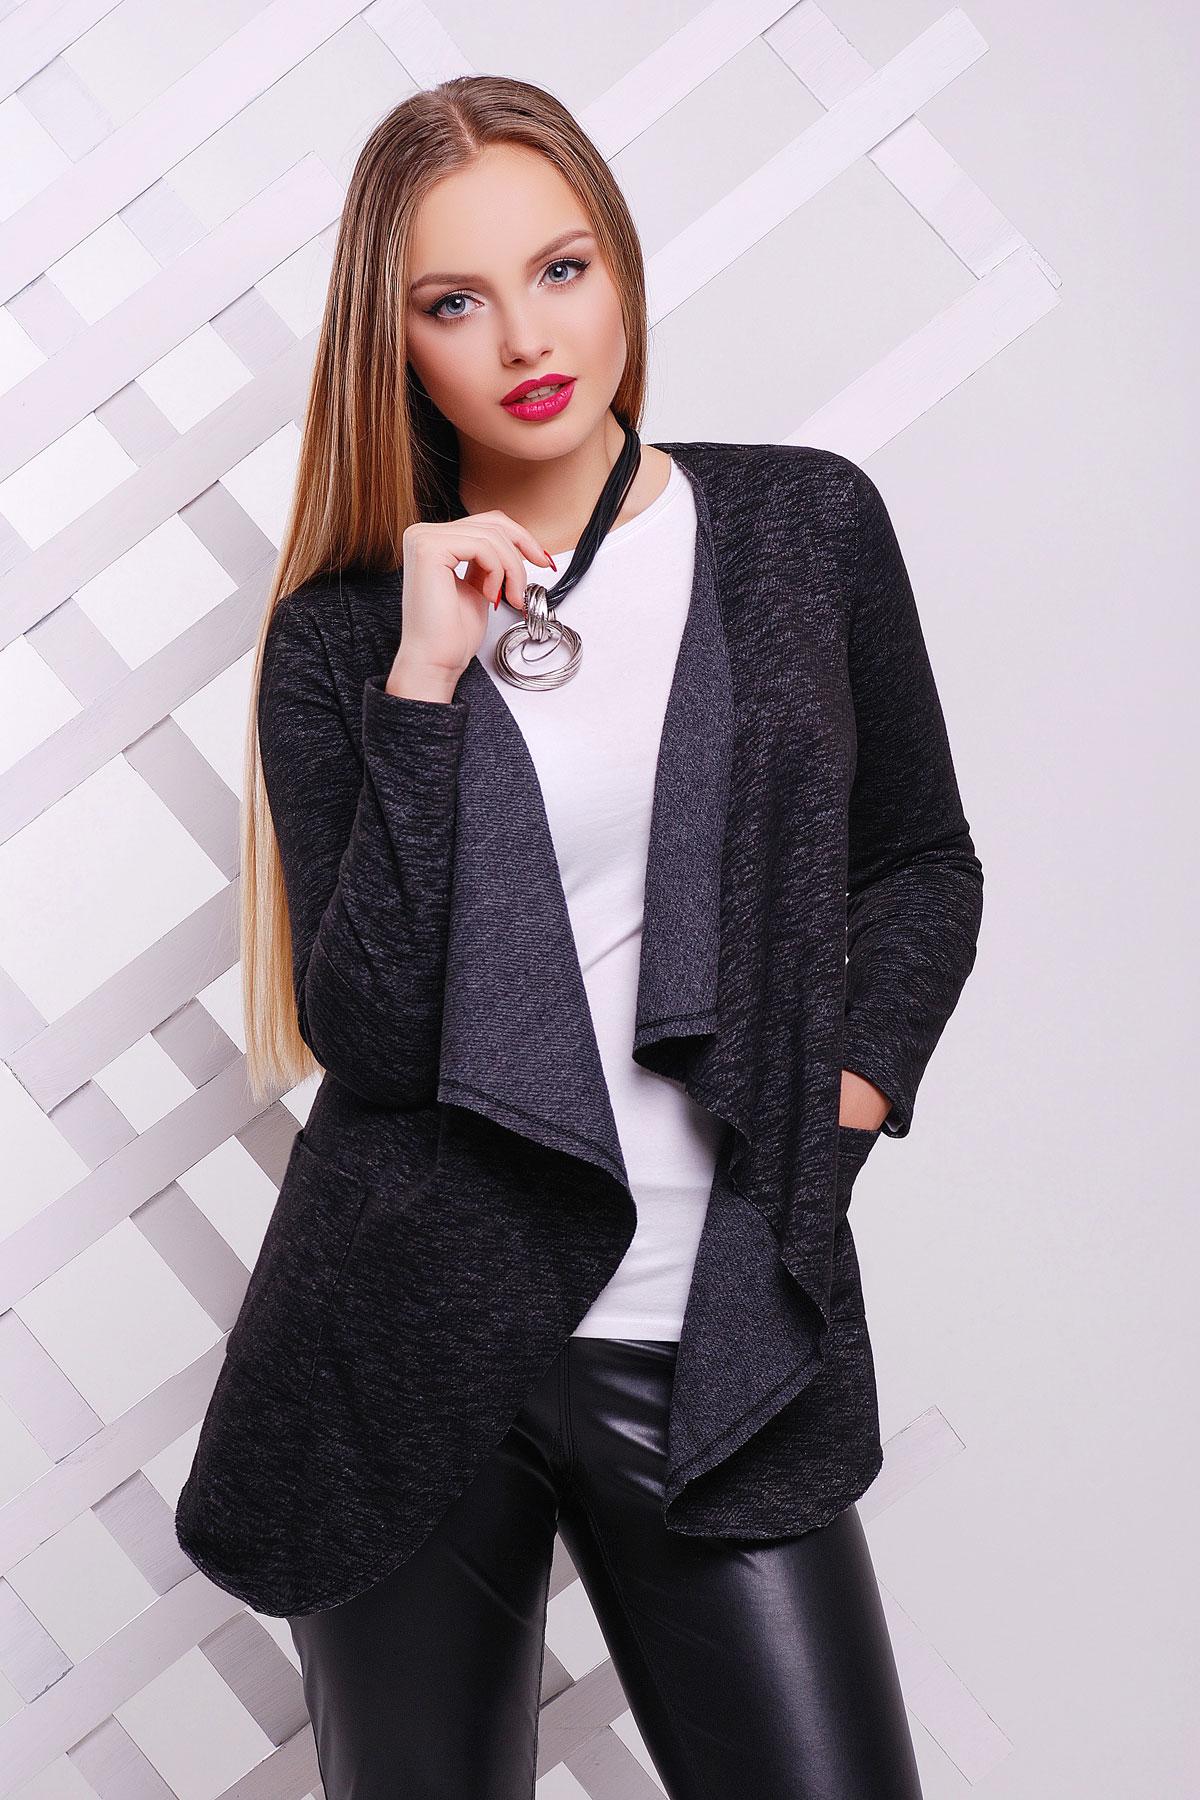 964262995e703d Удлиненная женская кофта без застежек черного цвета. кофта Веста2 д/р. Цвет: